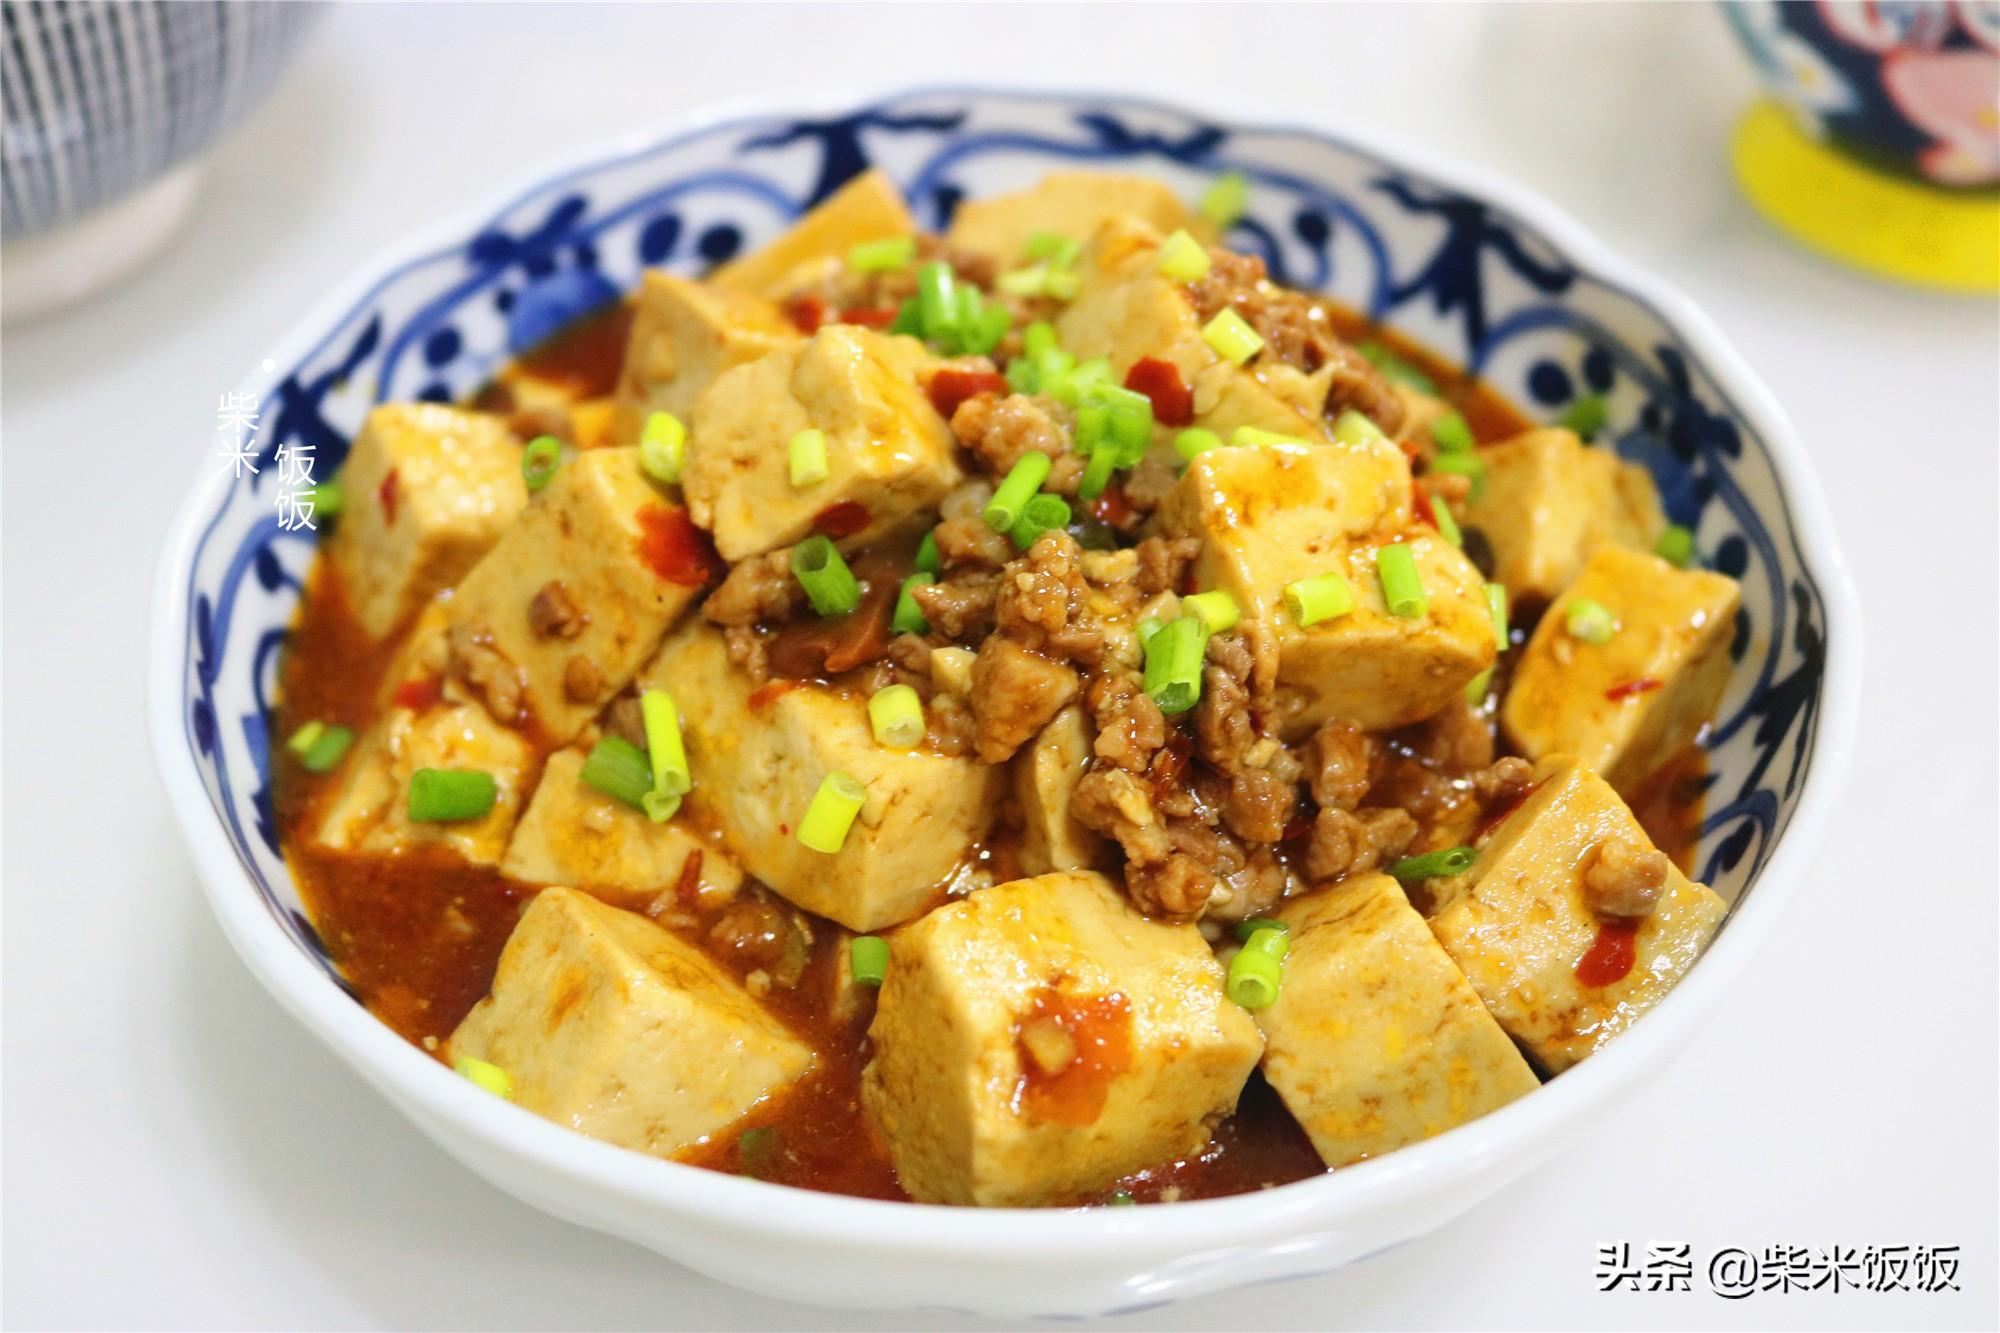 下班后的快手家常菜,5块钱做一碗,营养又美味,配米饭太香了